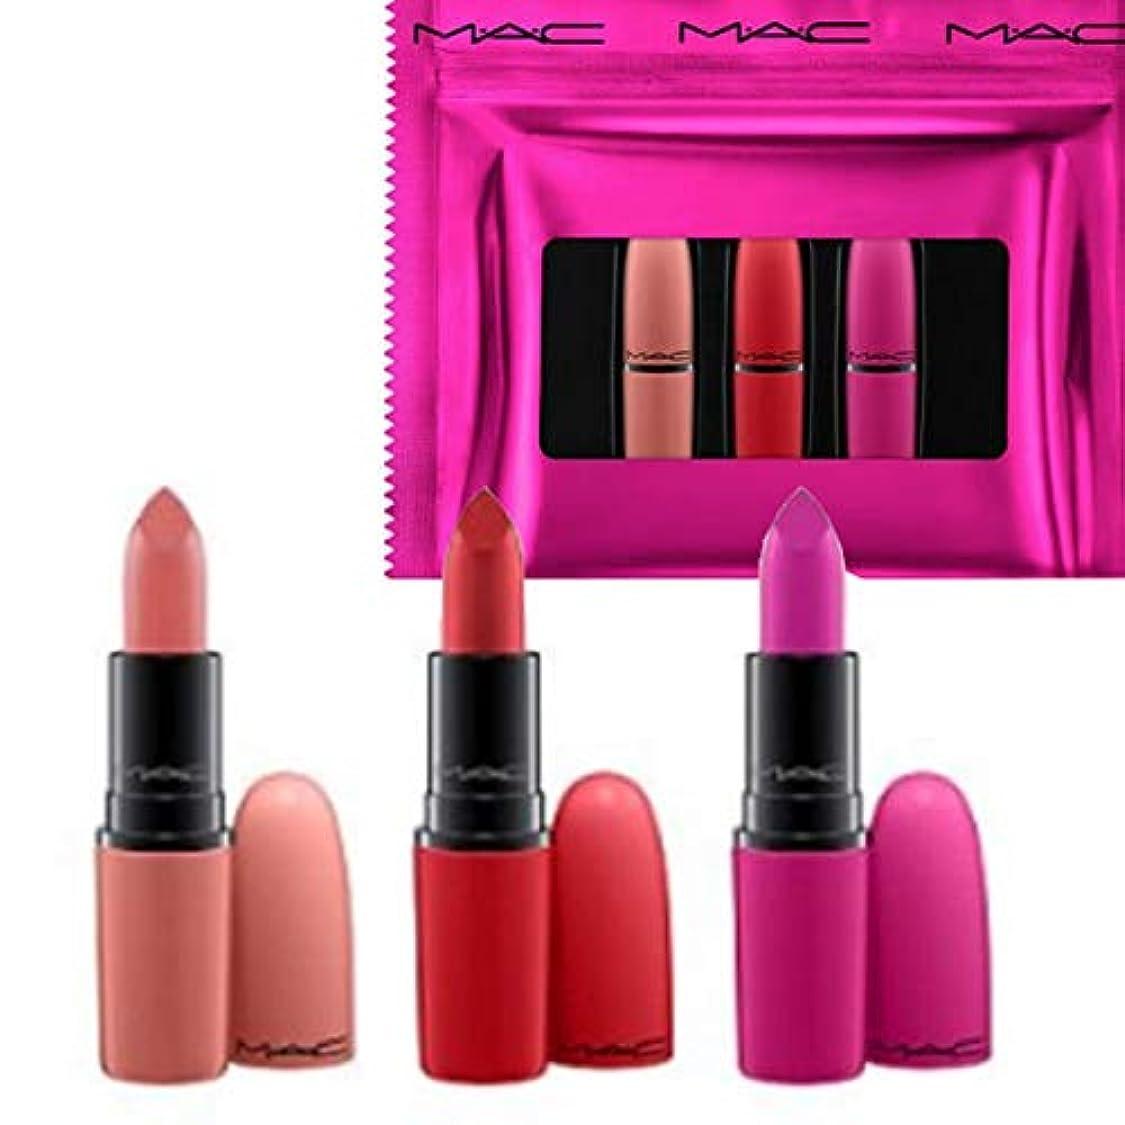 基礎租界ポスト印象派M.A.C ?マック, Limited Edition 限定版, 3-Pc. Shiny Pretty Things Lip Set - Russian Red/Kinda Sexy/Flat Out Fabulous [海外直送品] [並行輸入品]